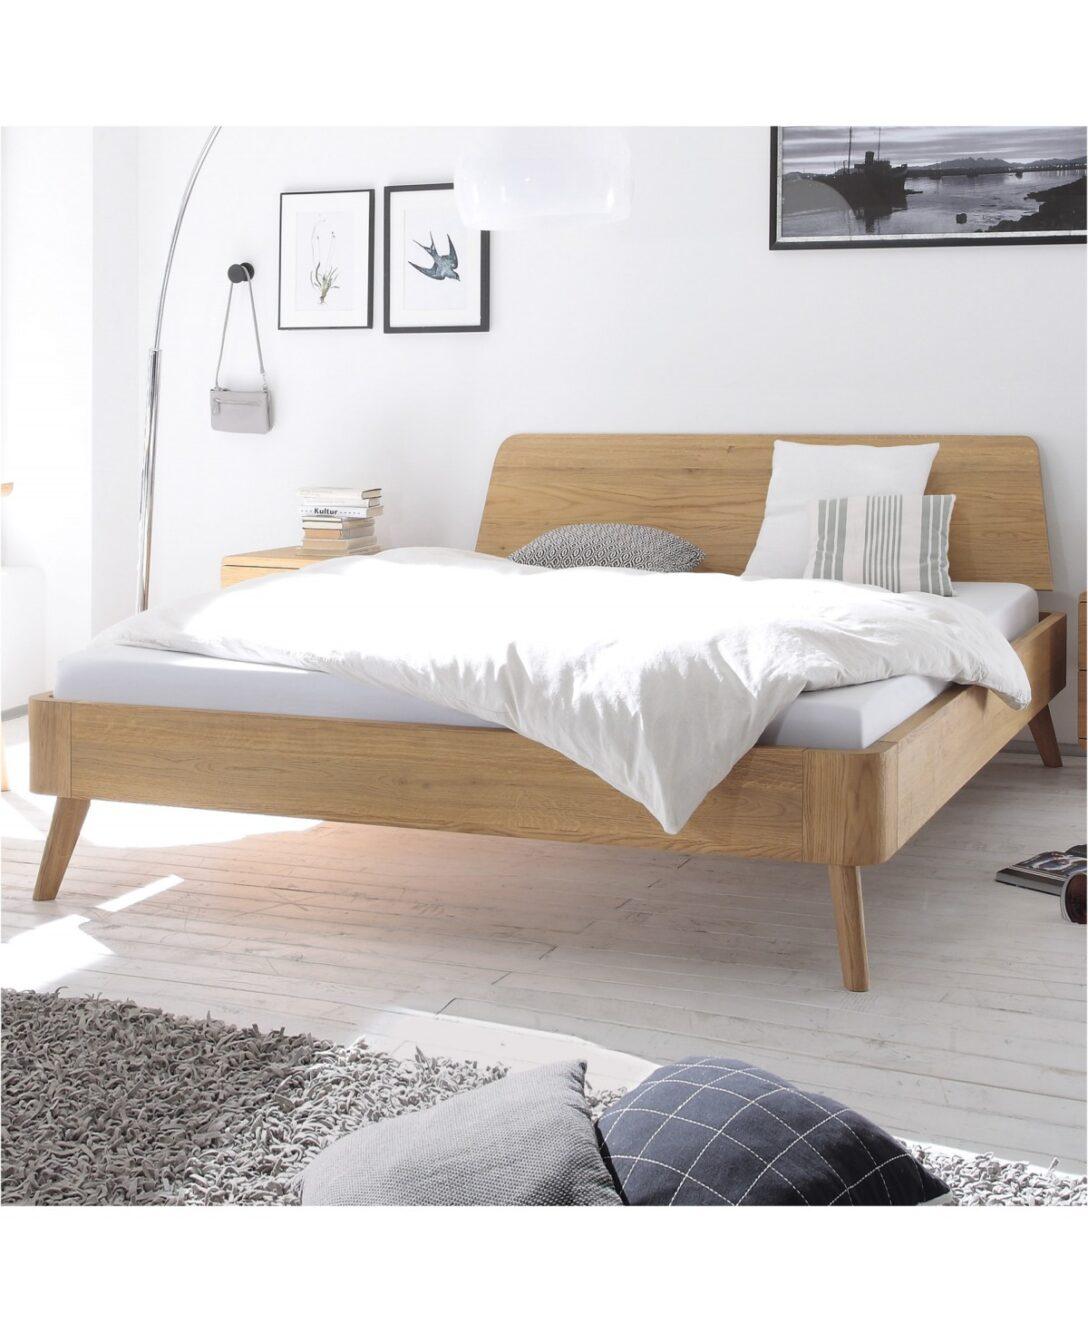 Large Size of Bettgestell 120x200 Bett Mit Bettkasten Matratze Und Lattenrost Weiß Betten Wohnzimmer Bettgestell 120x200